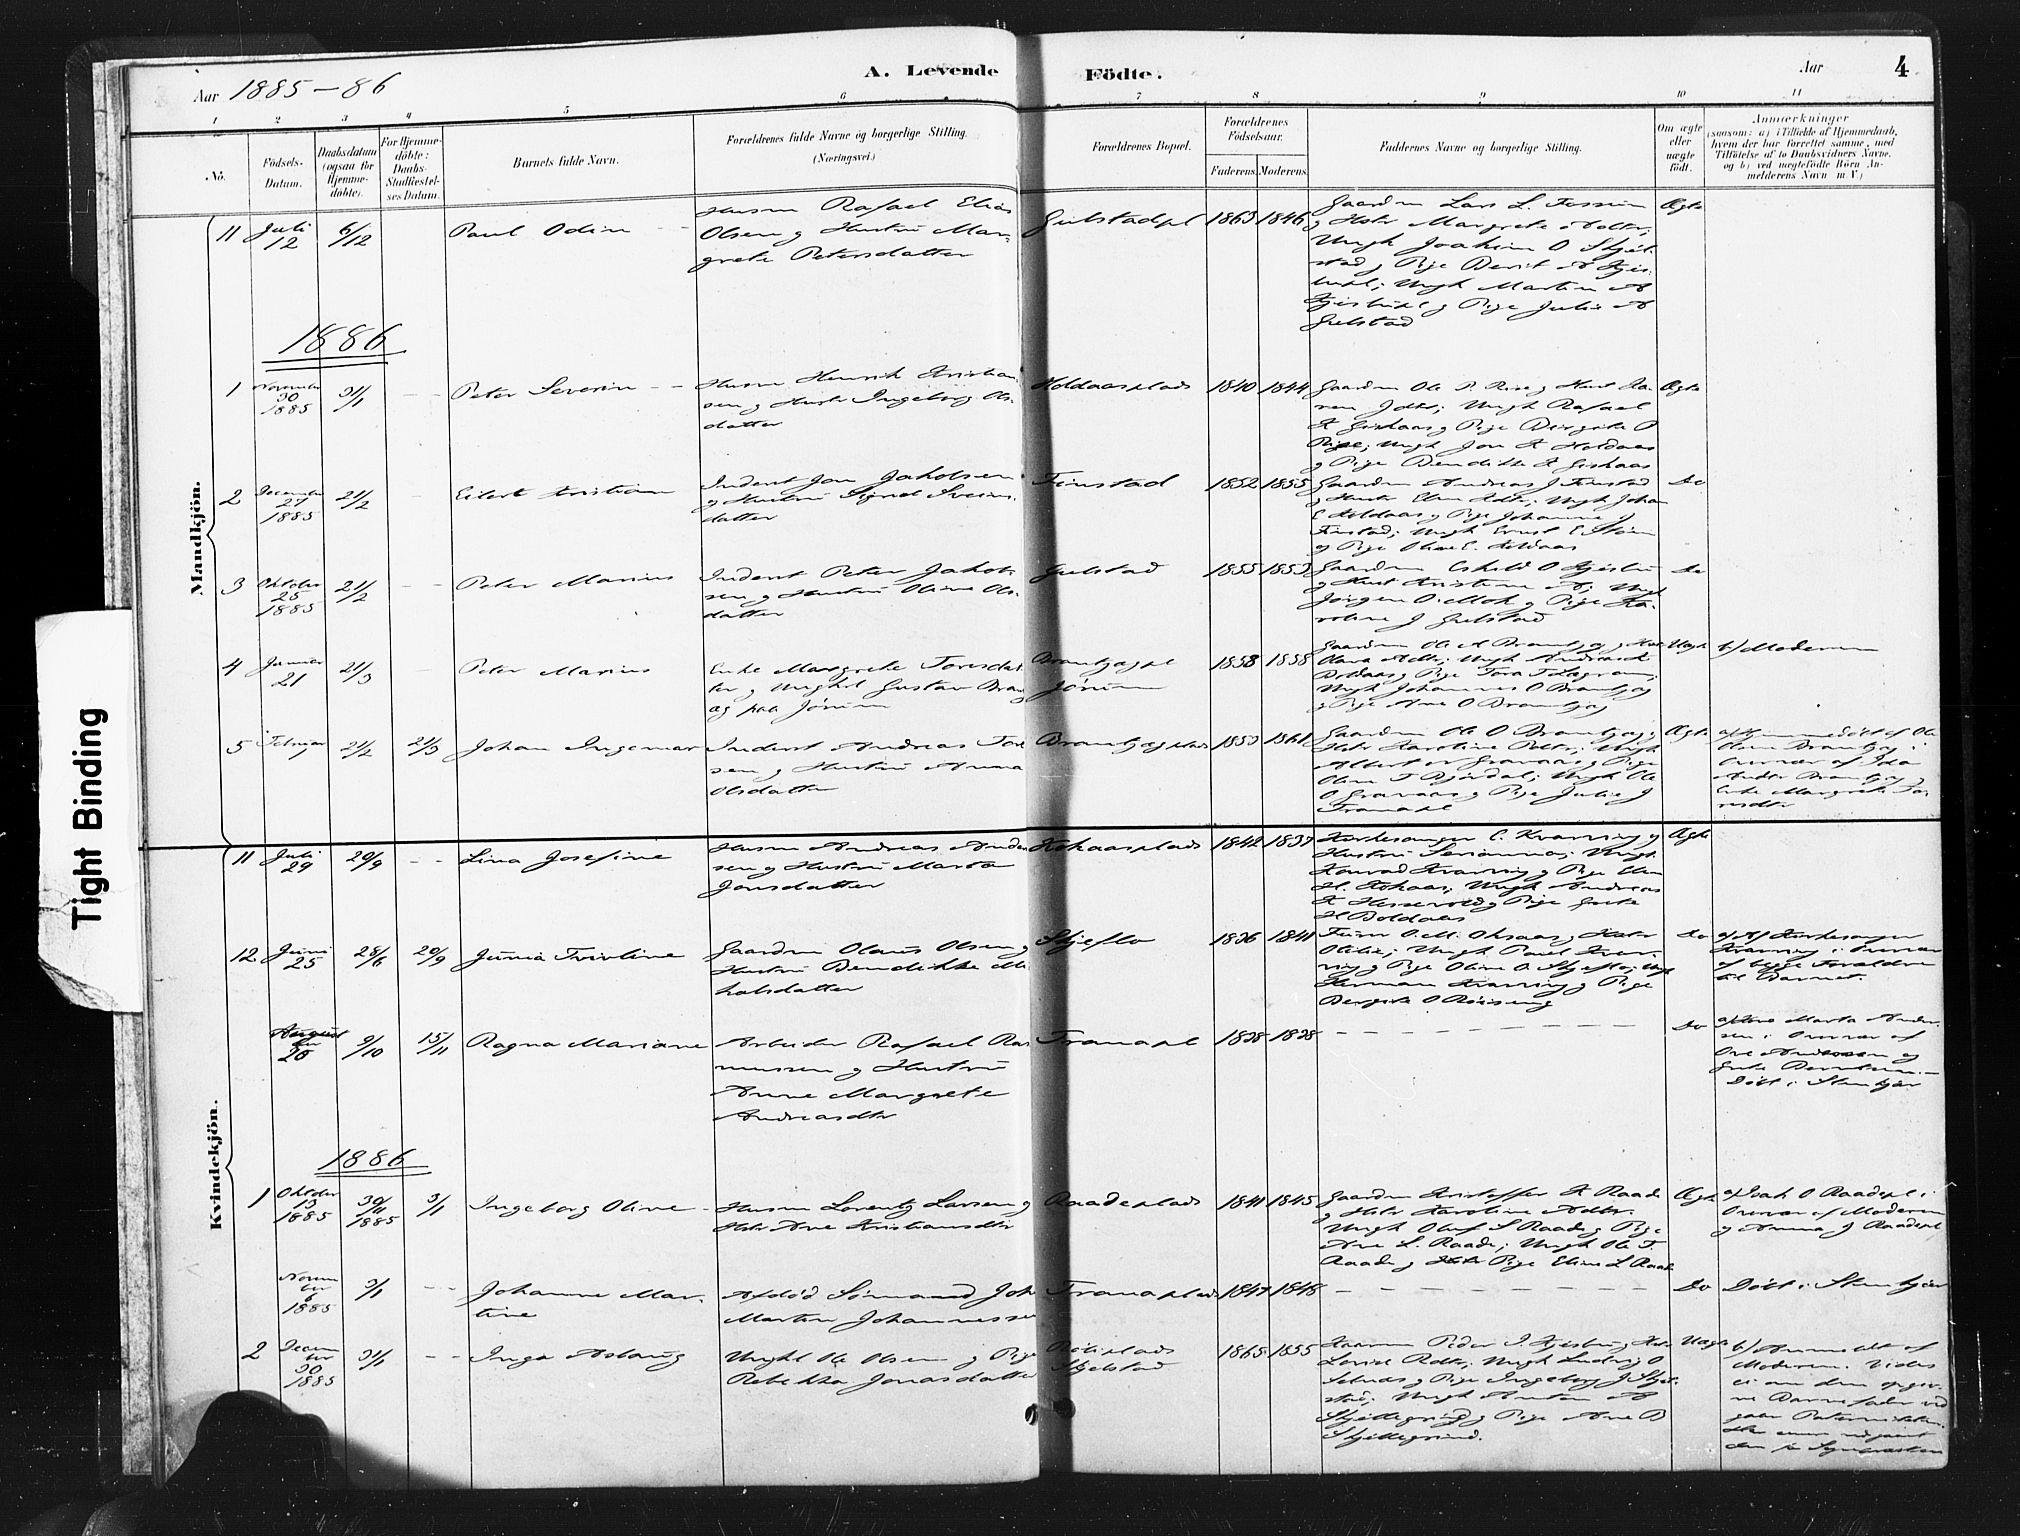 SAT, Ministerialprotokoller, klokkerbøker og fødselsregistre - Nord-Trøndelag, 736/L0361: Ministerialbok nr. 736A01, 1884-1906, s. 4